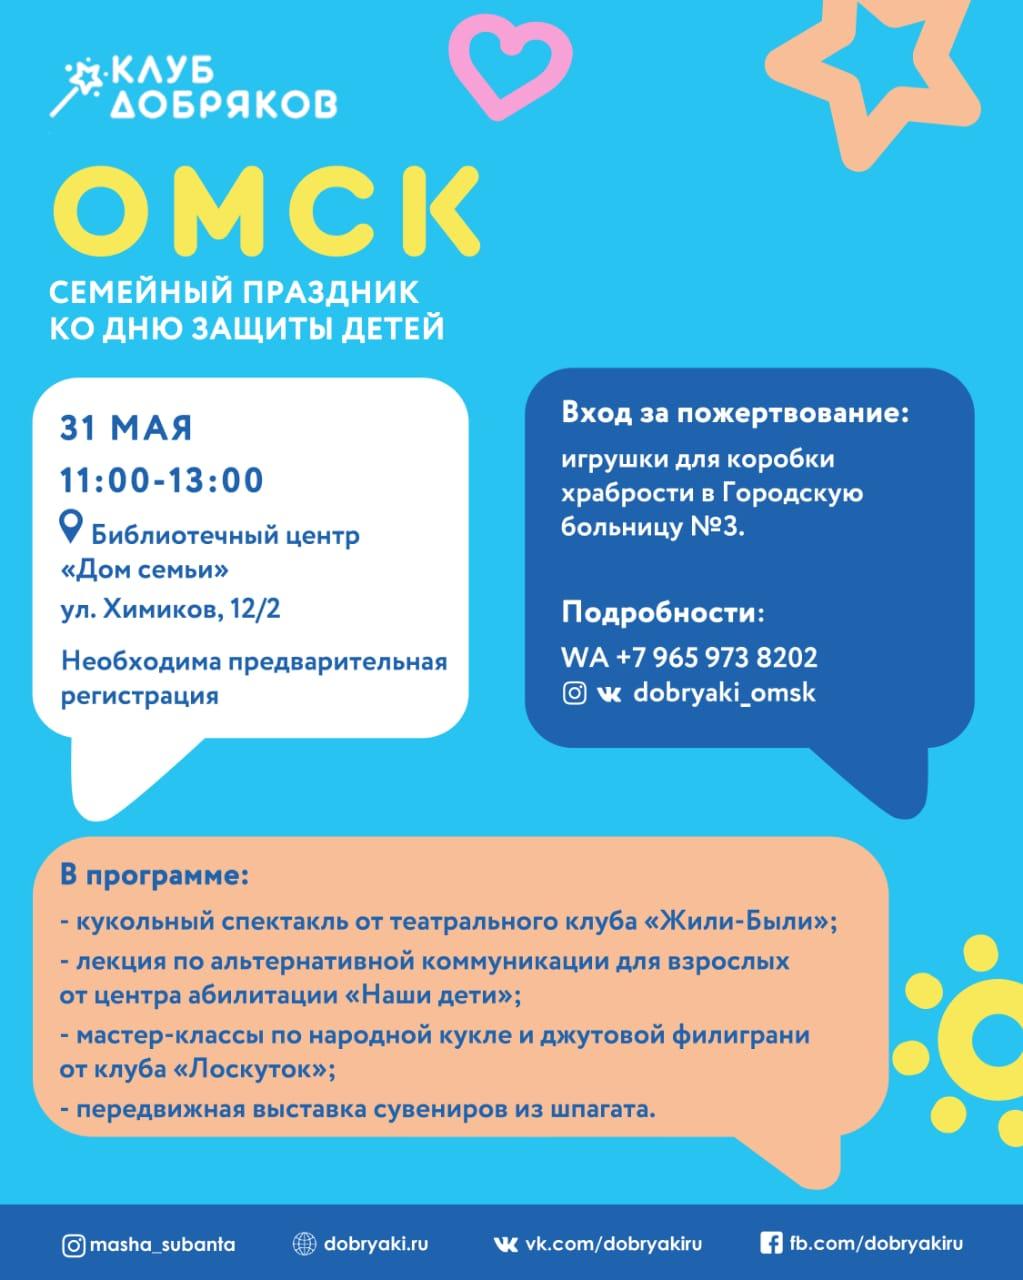 Праздник ко Дню защиты детей в Омске